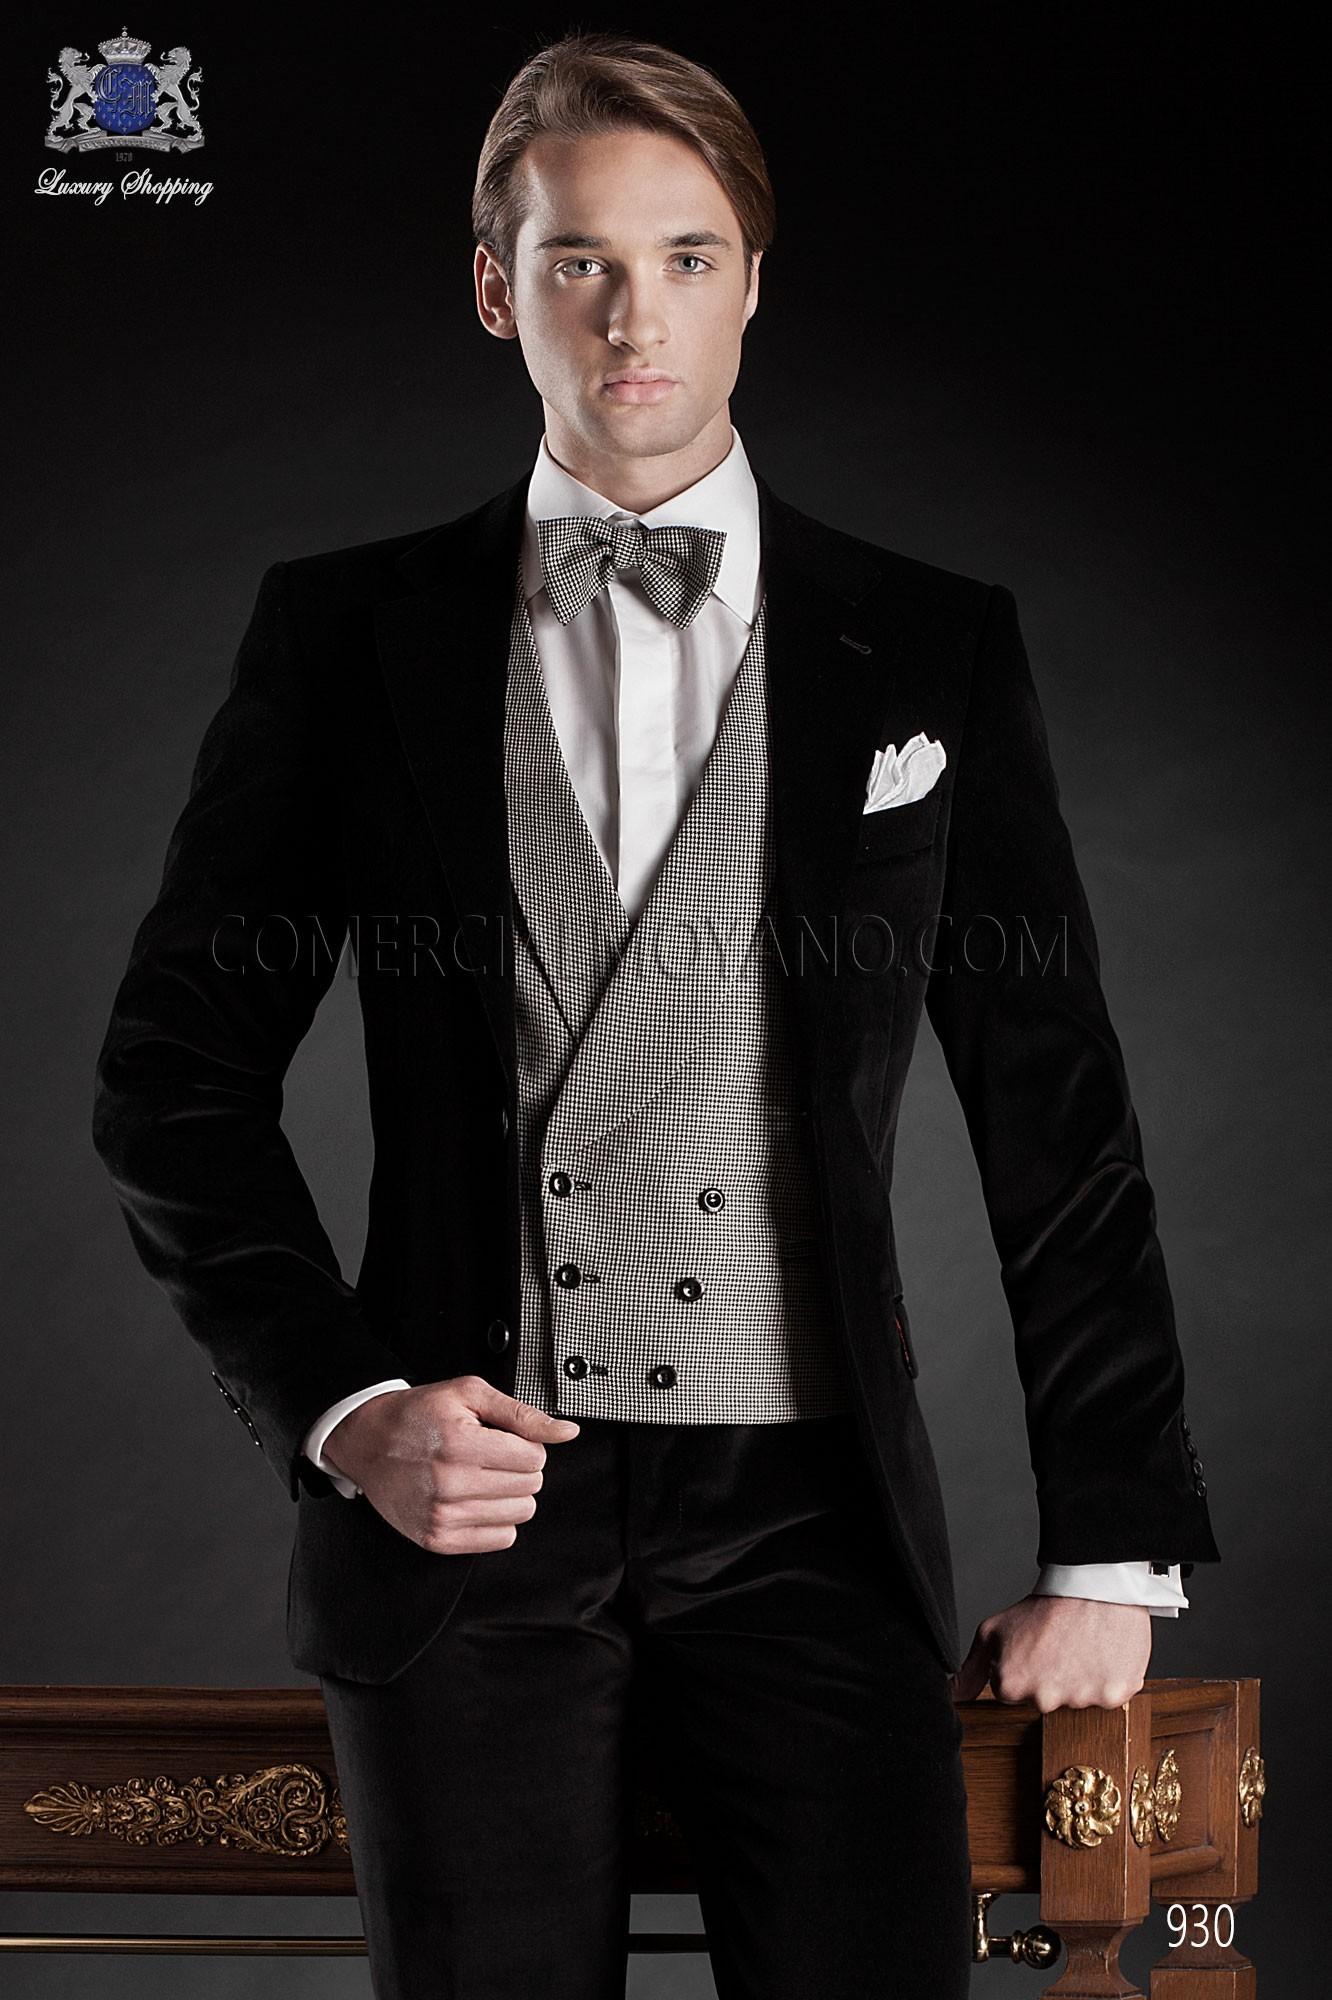 Traje de fiesta hombre negro modelo: 930 Ottavio Nuccio Gala colección Black Tie